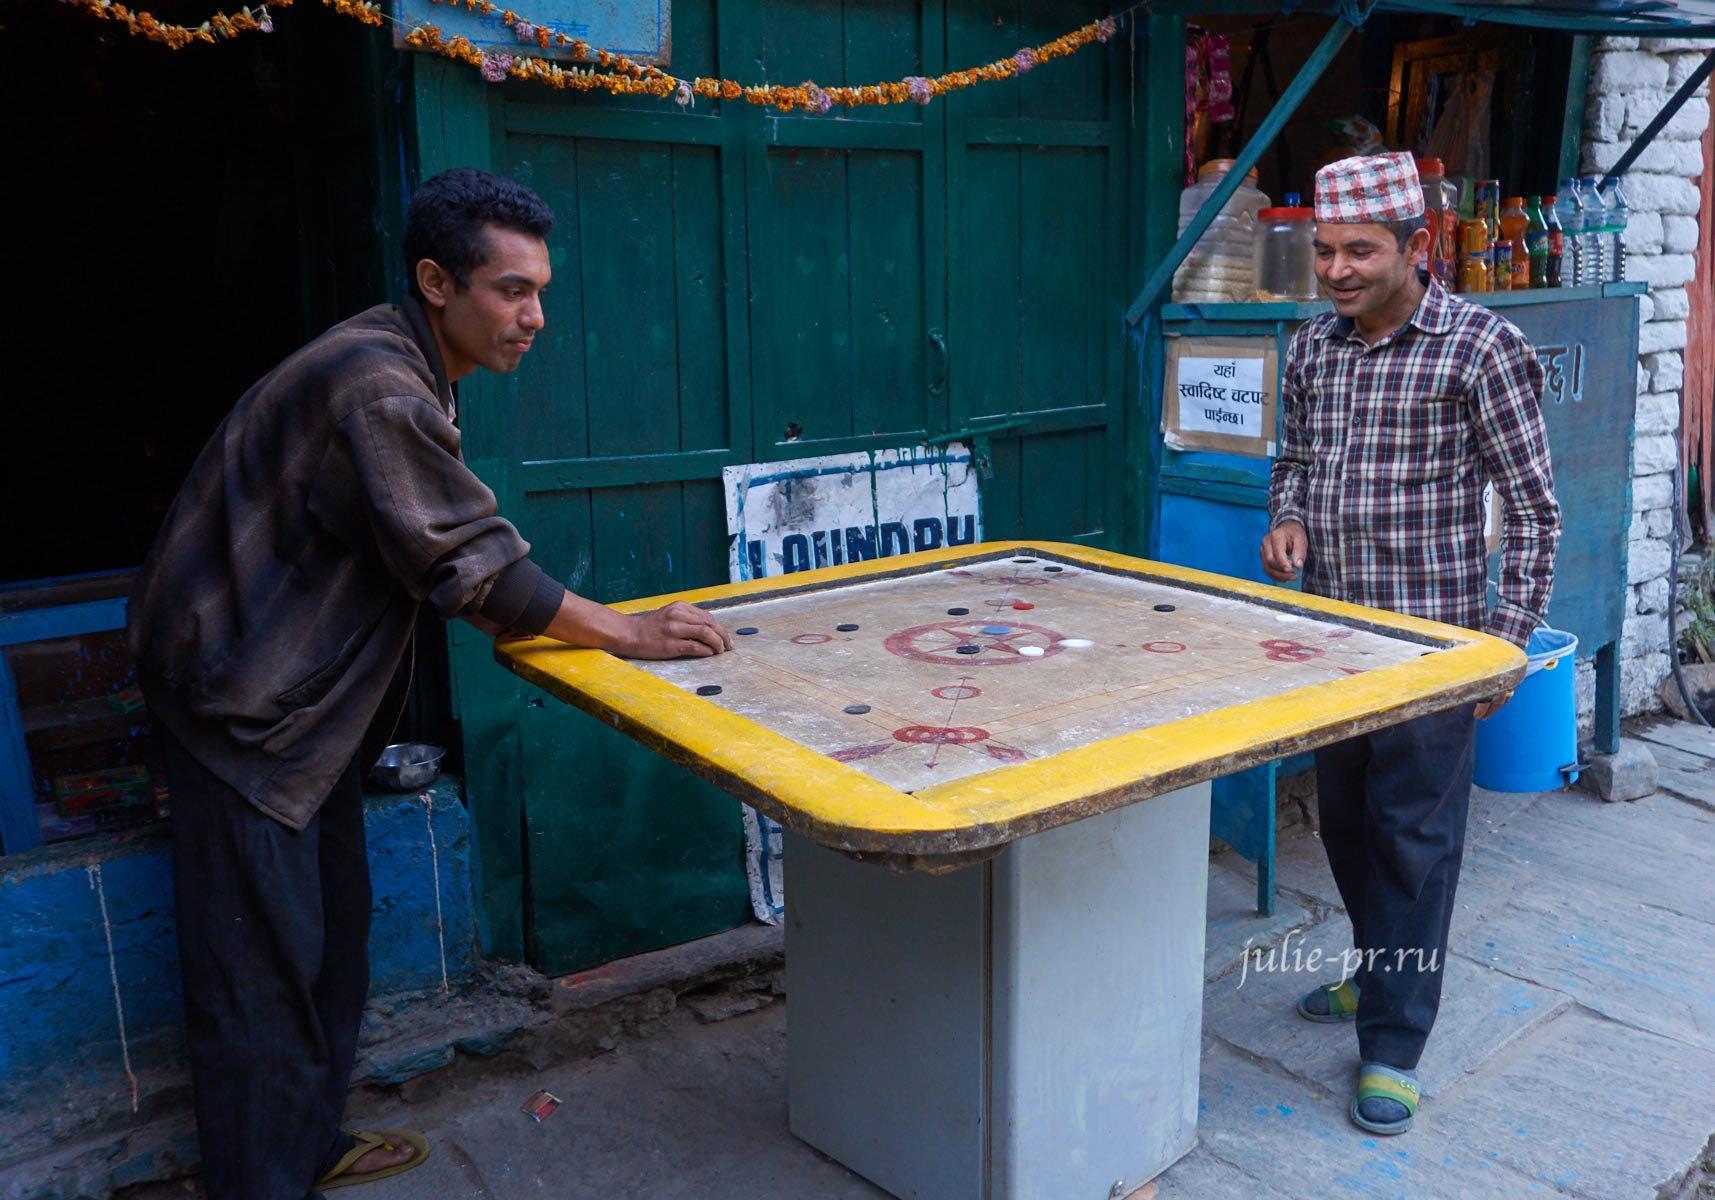 Непал, Татопани, Игра карром, Непальцы